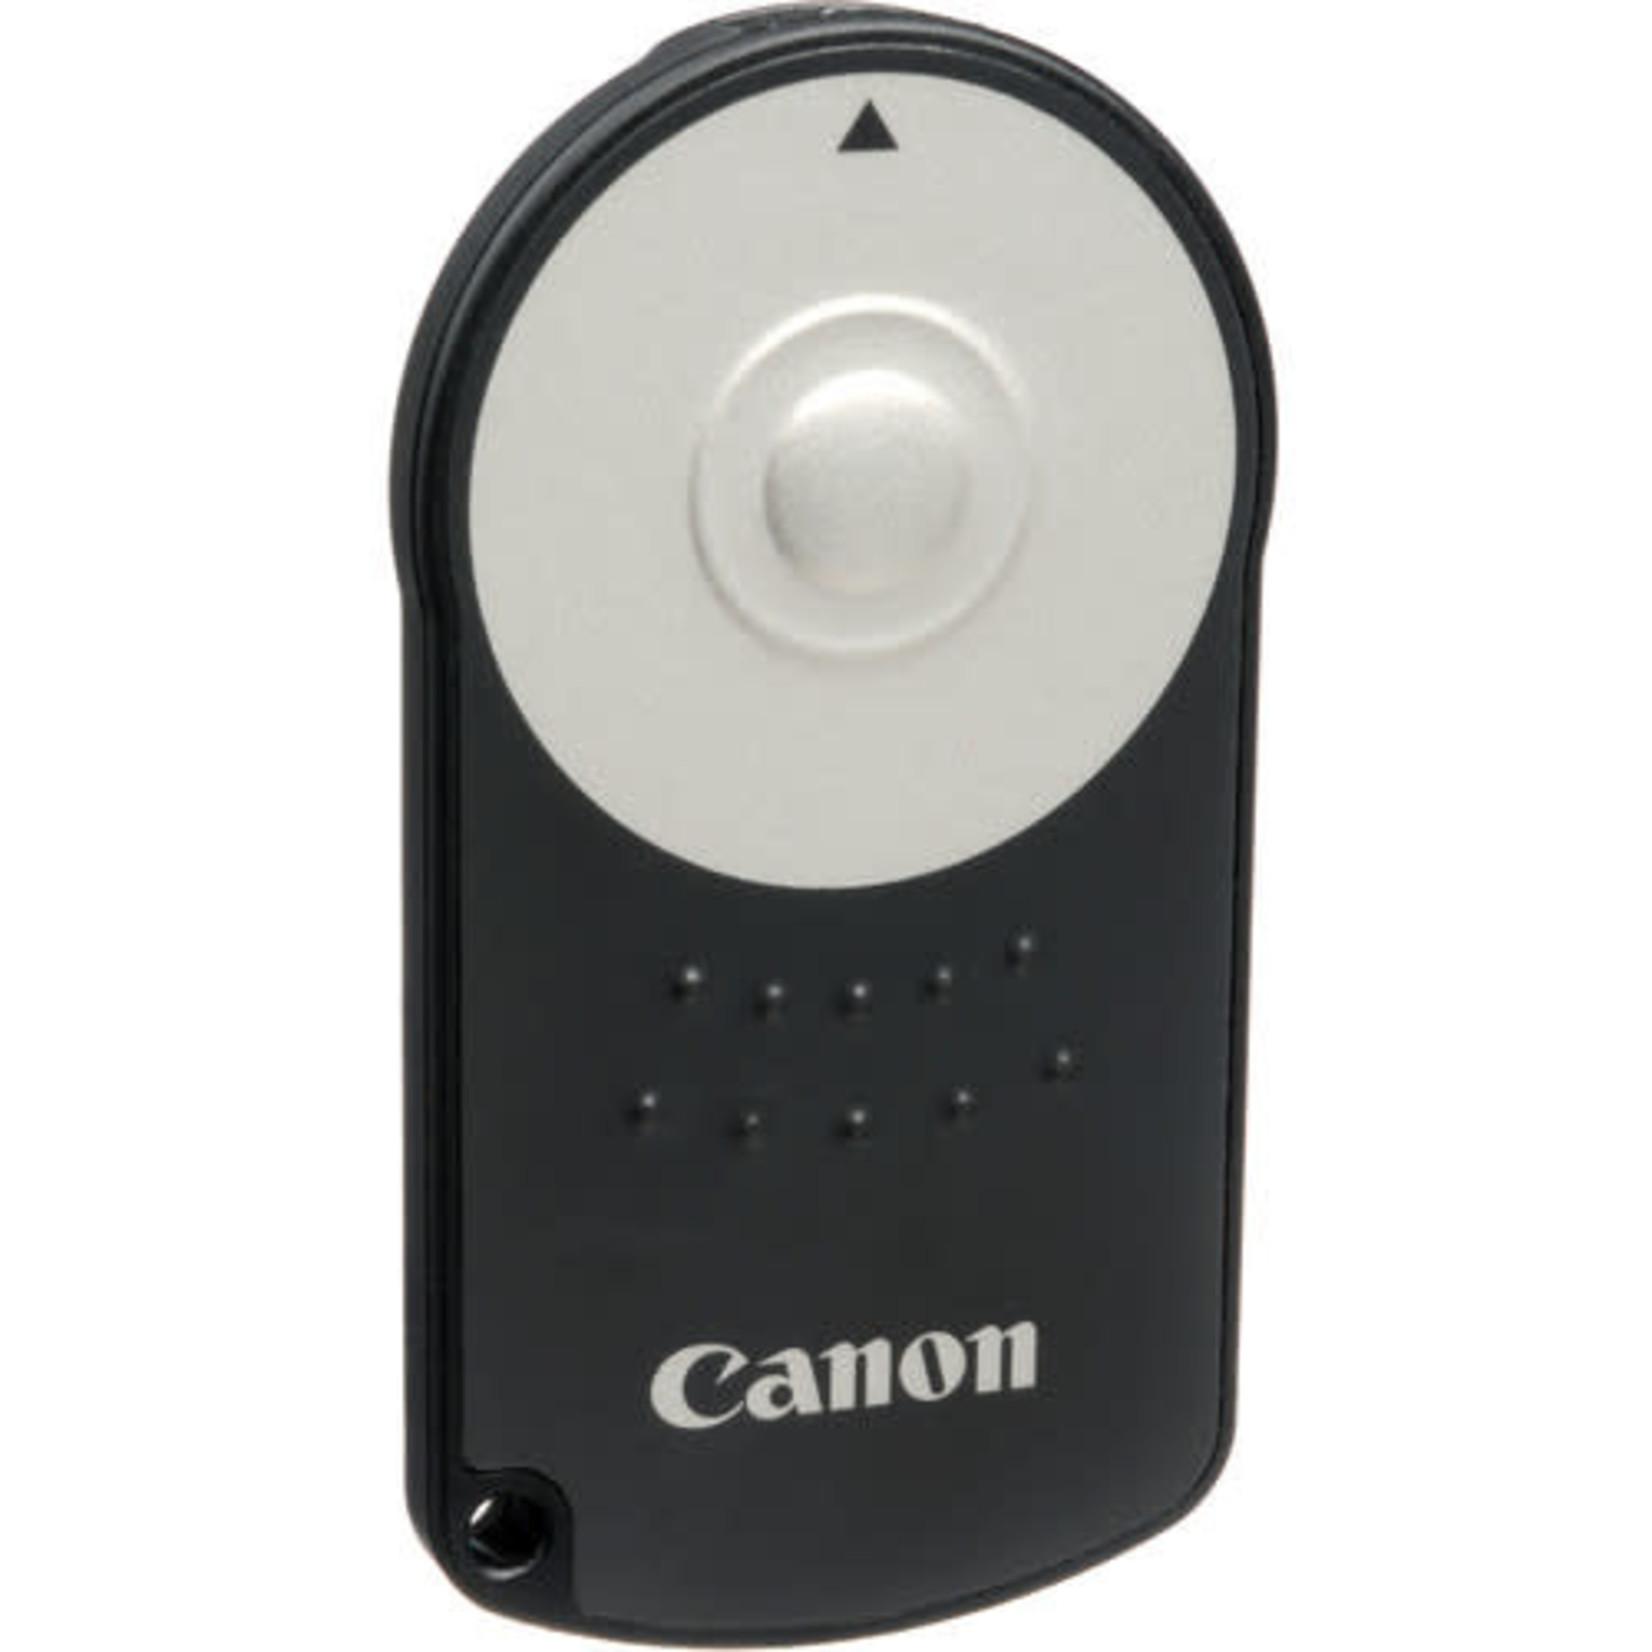 Canon Canon RC-6 Wireless Remote Control